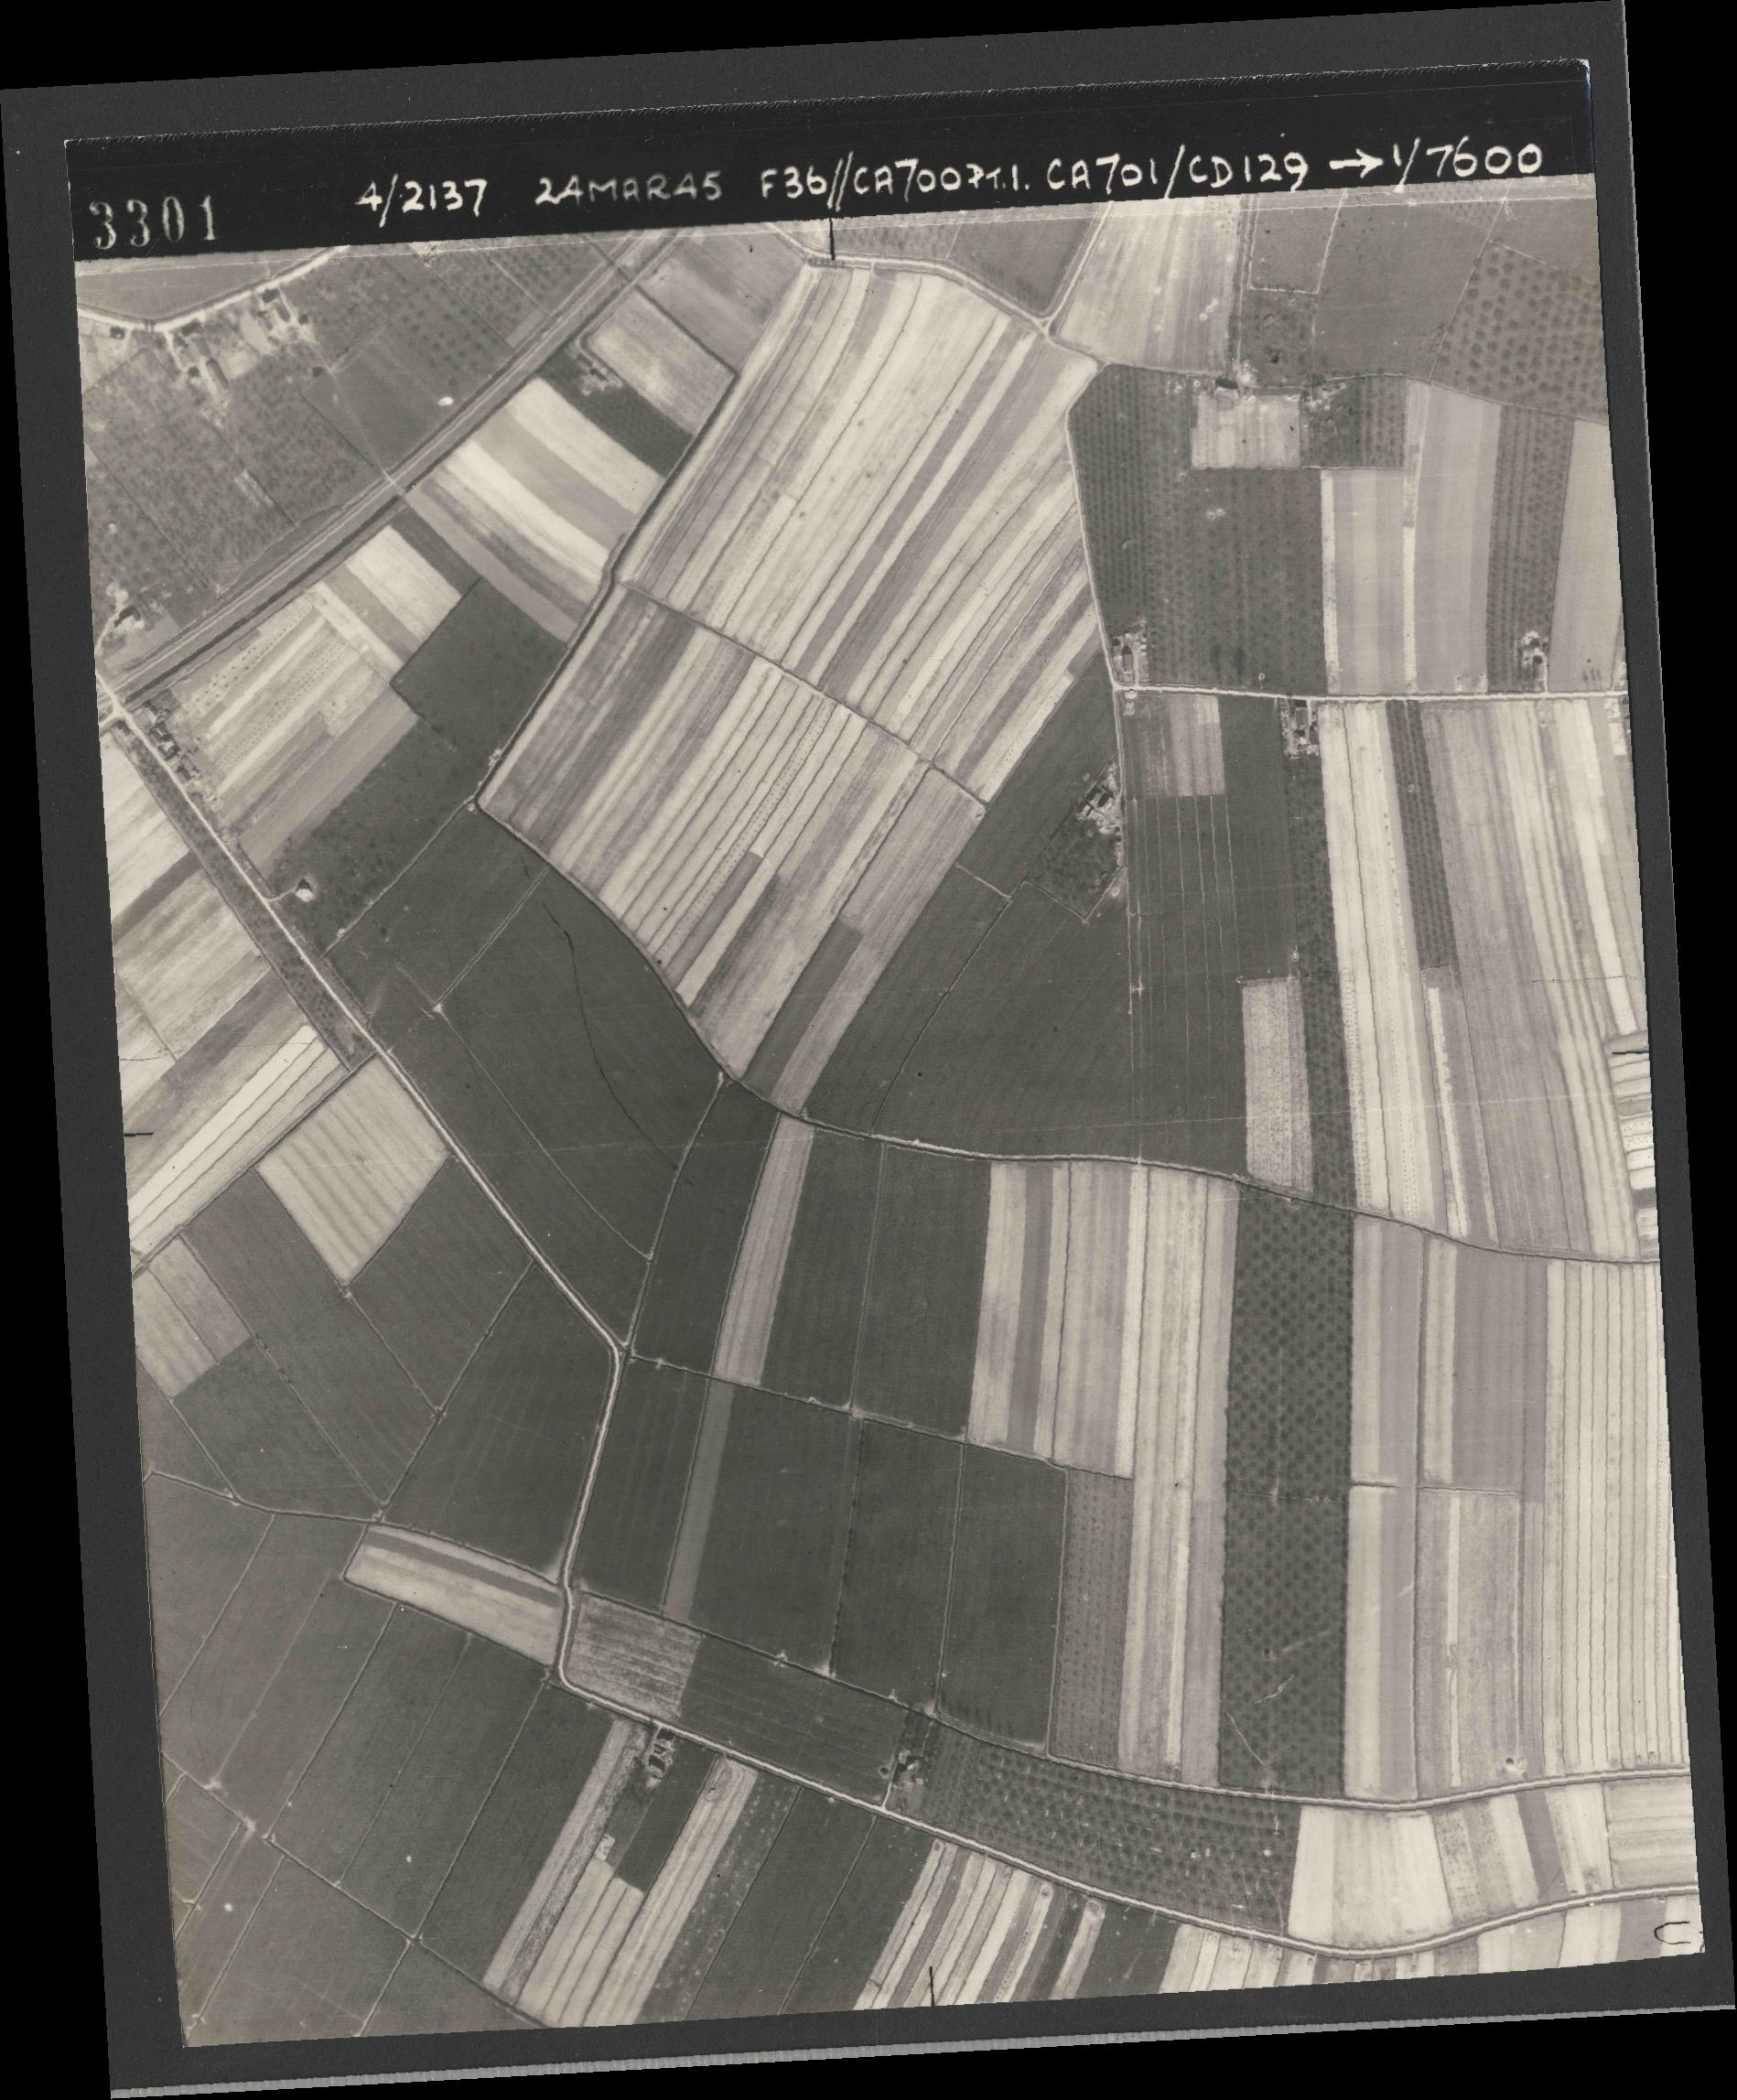 Collection RAF aerial photos 1940-1945 - flight 054, run 09, photo 3301